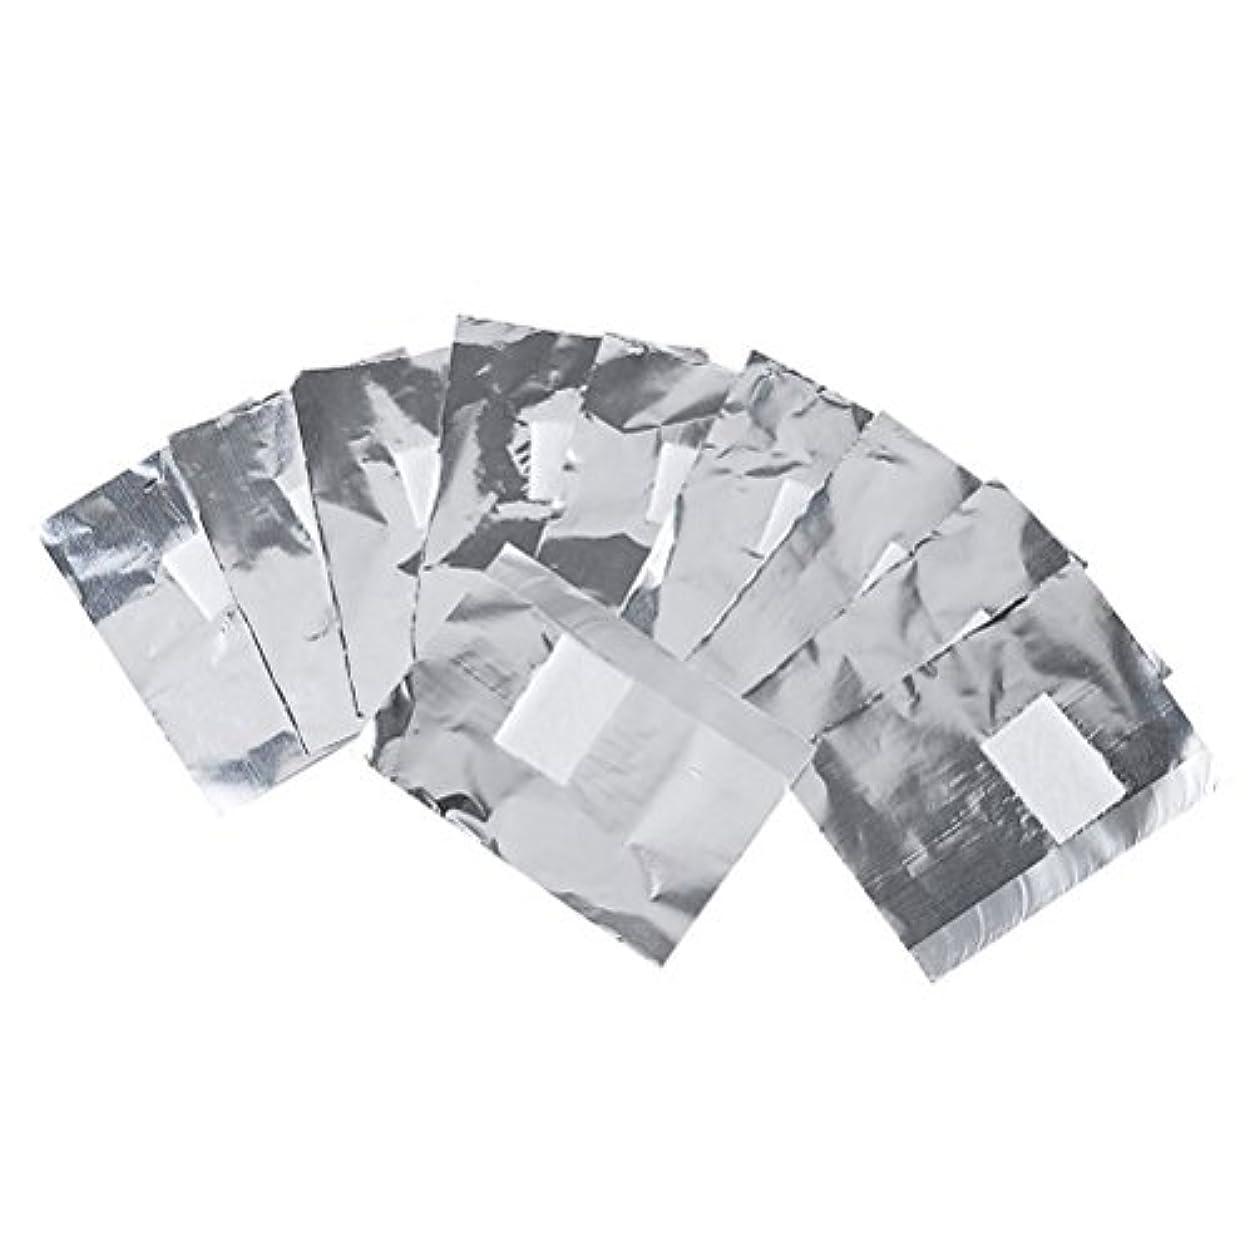 嵐蘇生する封建Frcolor ネイルオフ ジェルオフリムーバー アクリルUVジェル ネイルポリッシュをきれいにオフする ジェル 使い捨て コットン付きアルミホイル ネイル用品 キューティクル 200枚